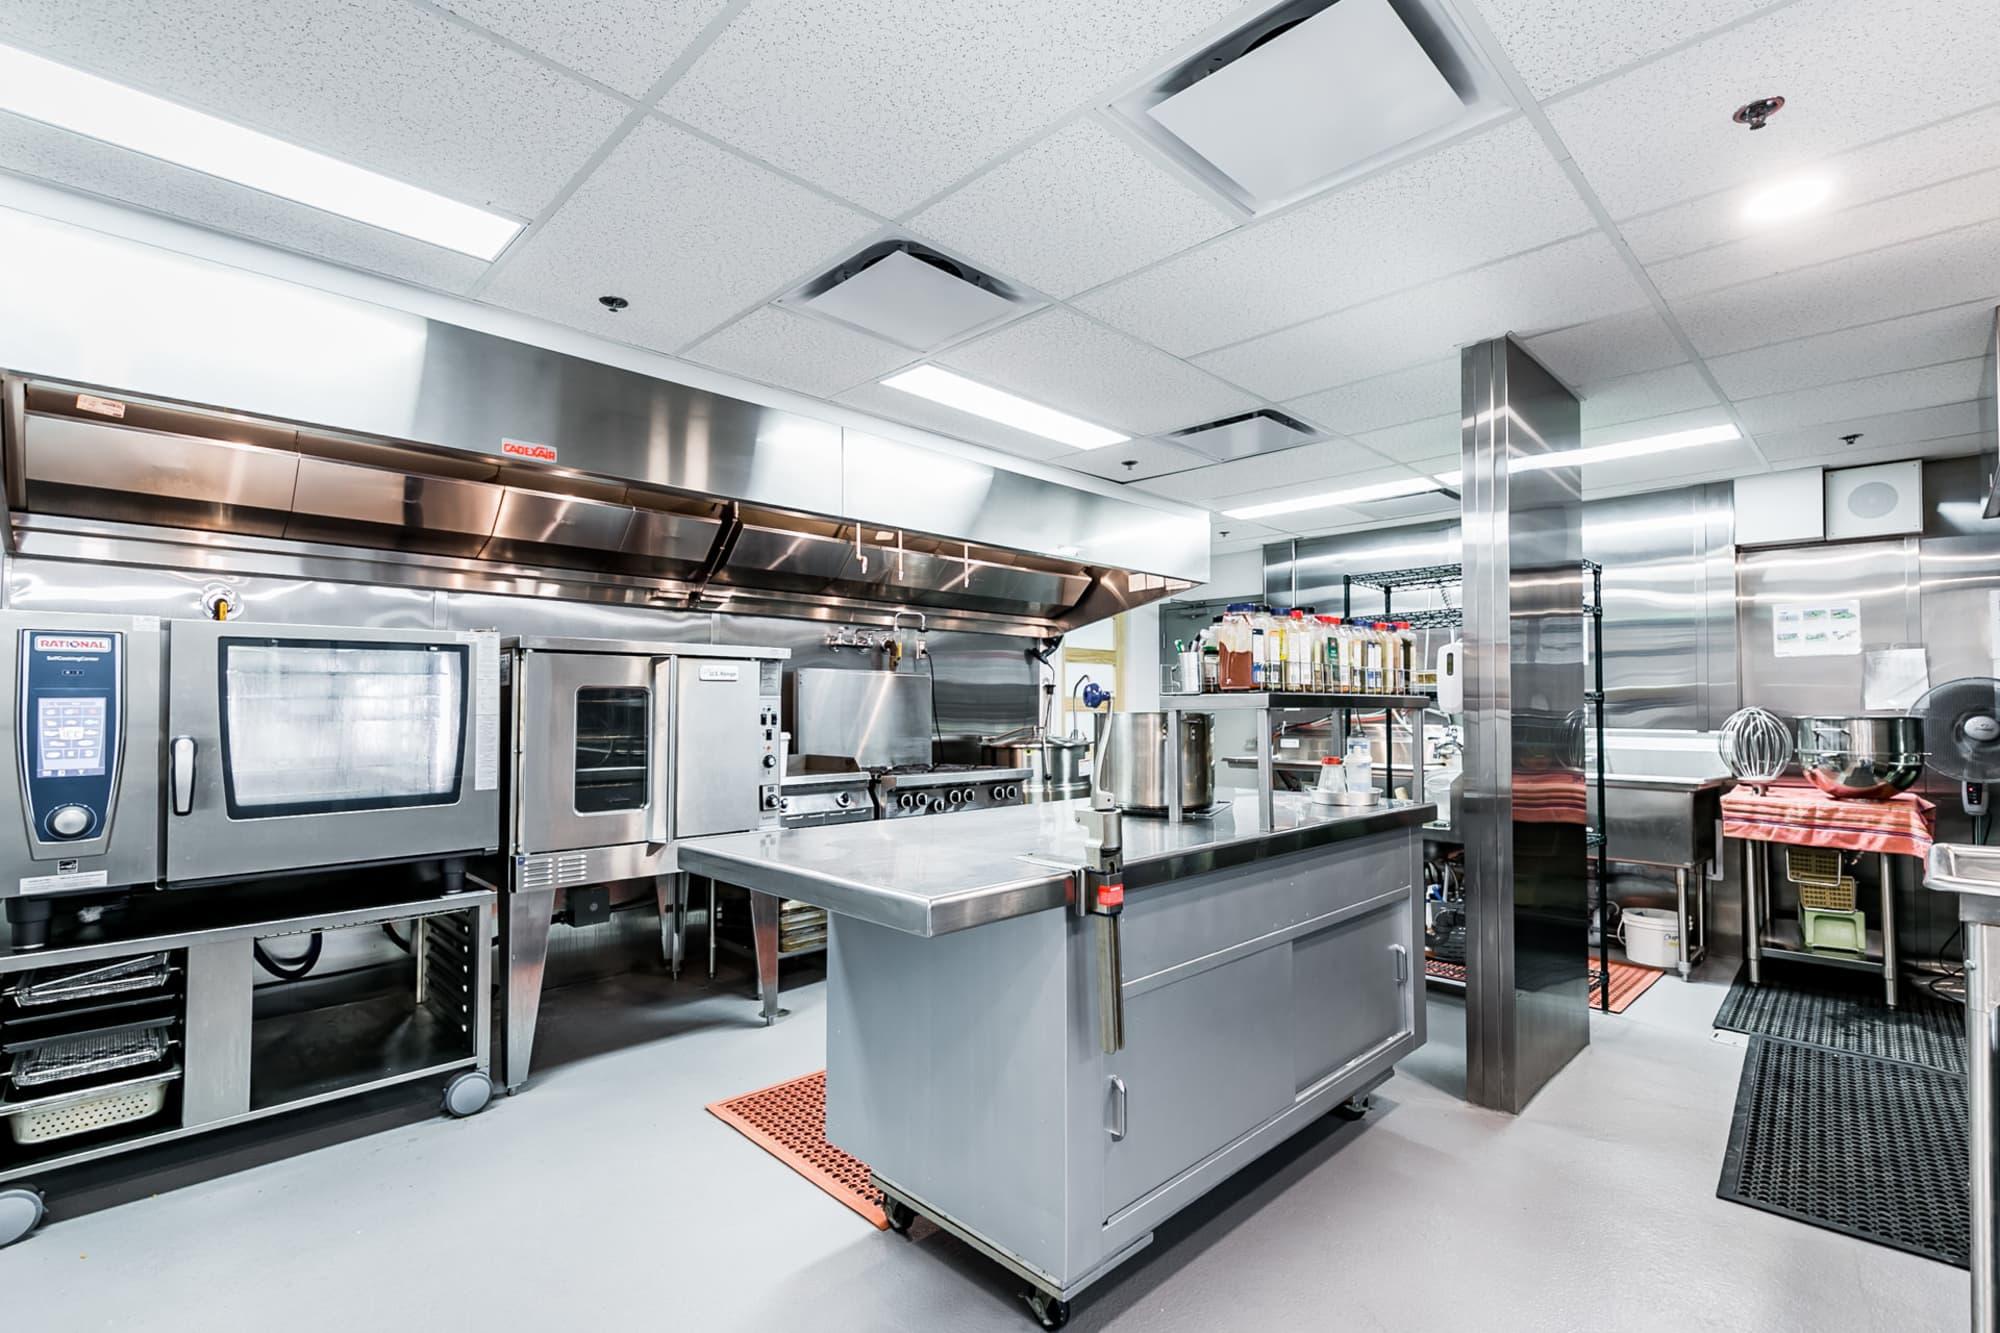 cuisine industrielle équipée